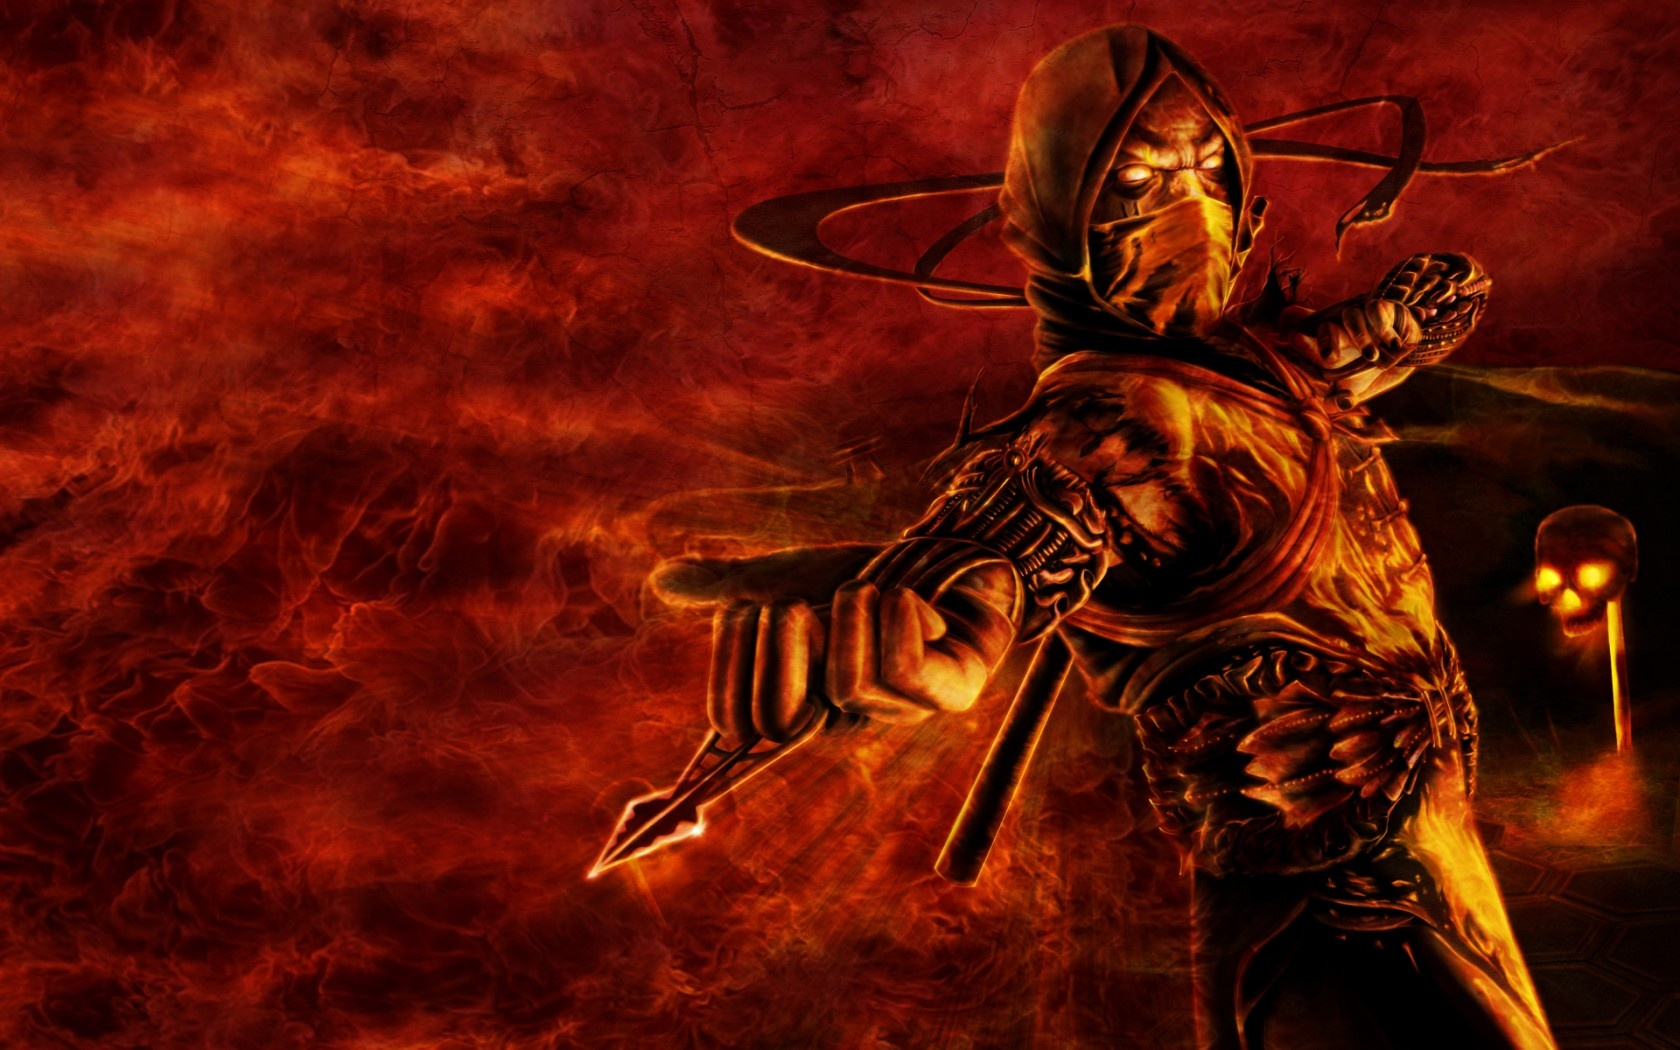 Scorpion Mortal Kombat 9 Wallpapers   1680x1050   467444 1680x1050